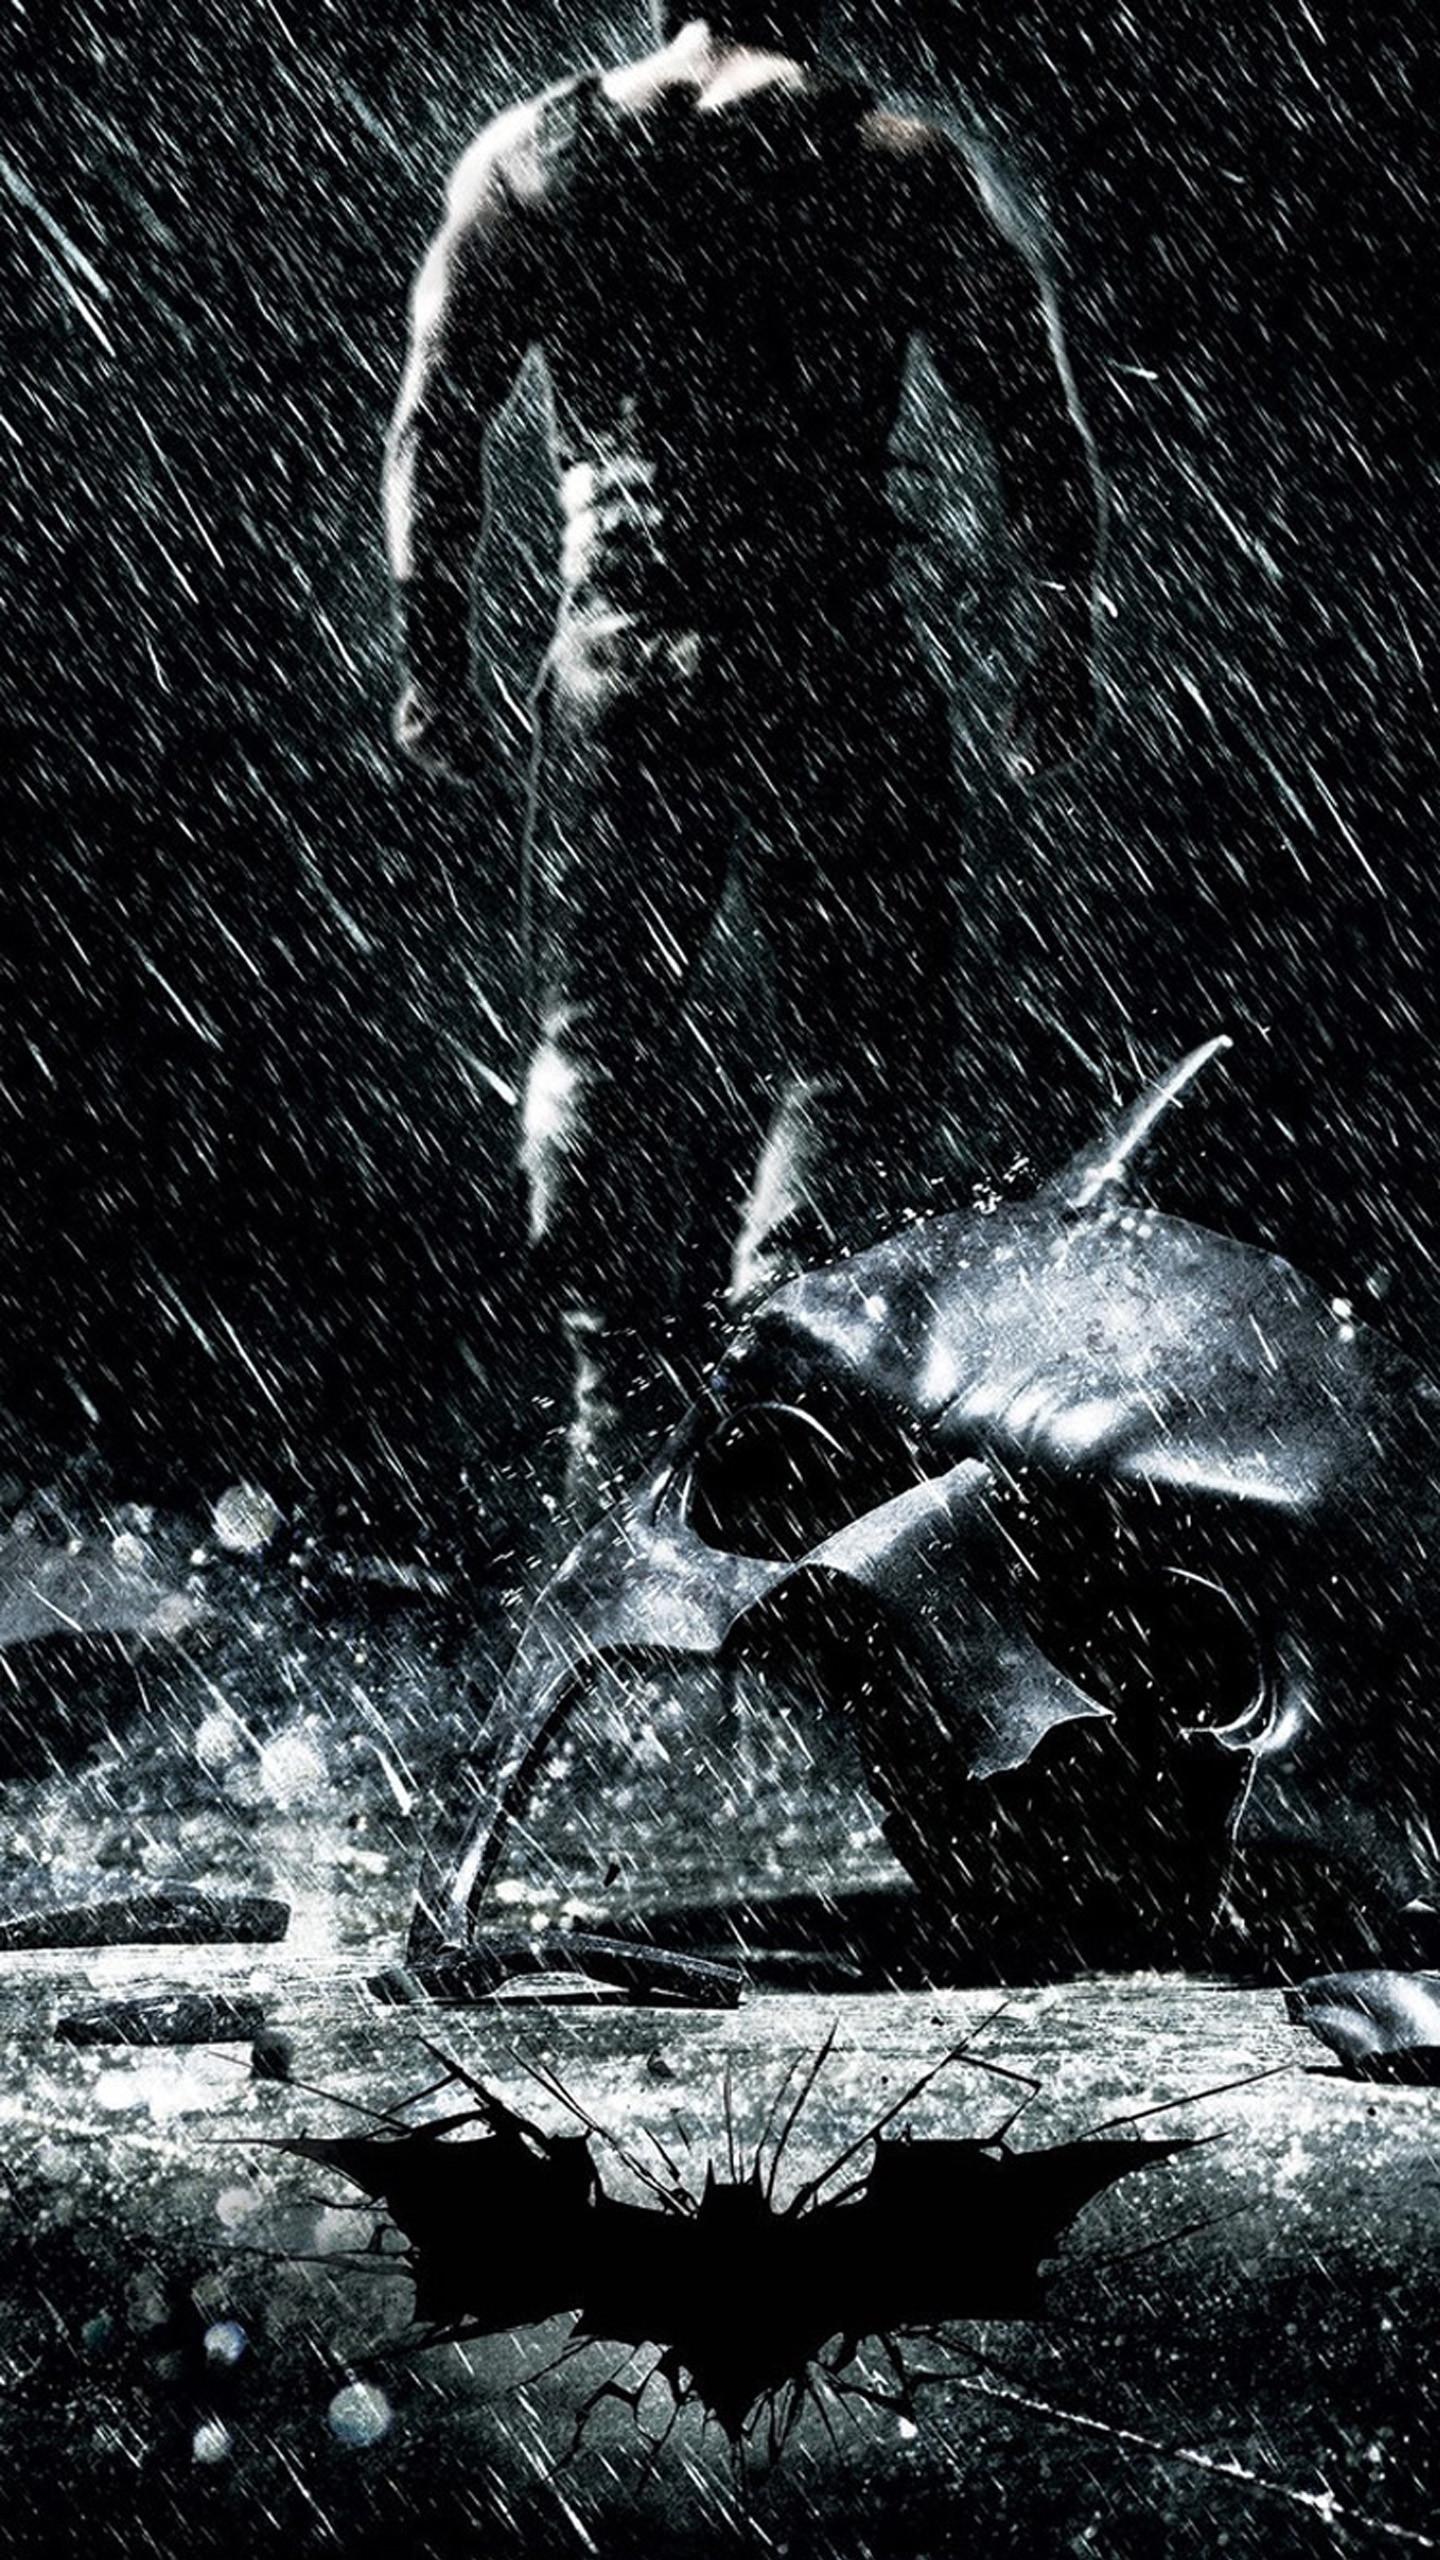 Batman The Dark Knight Rises 01 Galaxy S7 Wallpapers